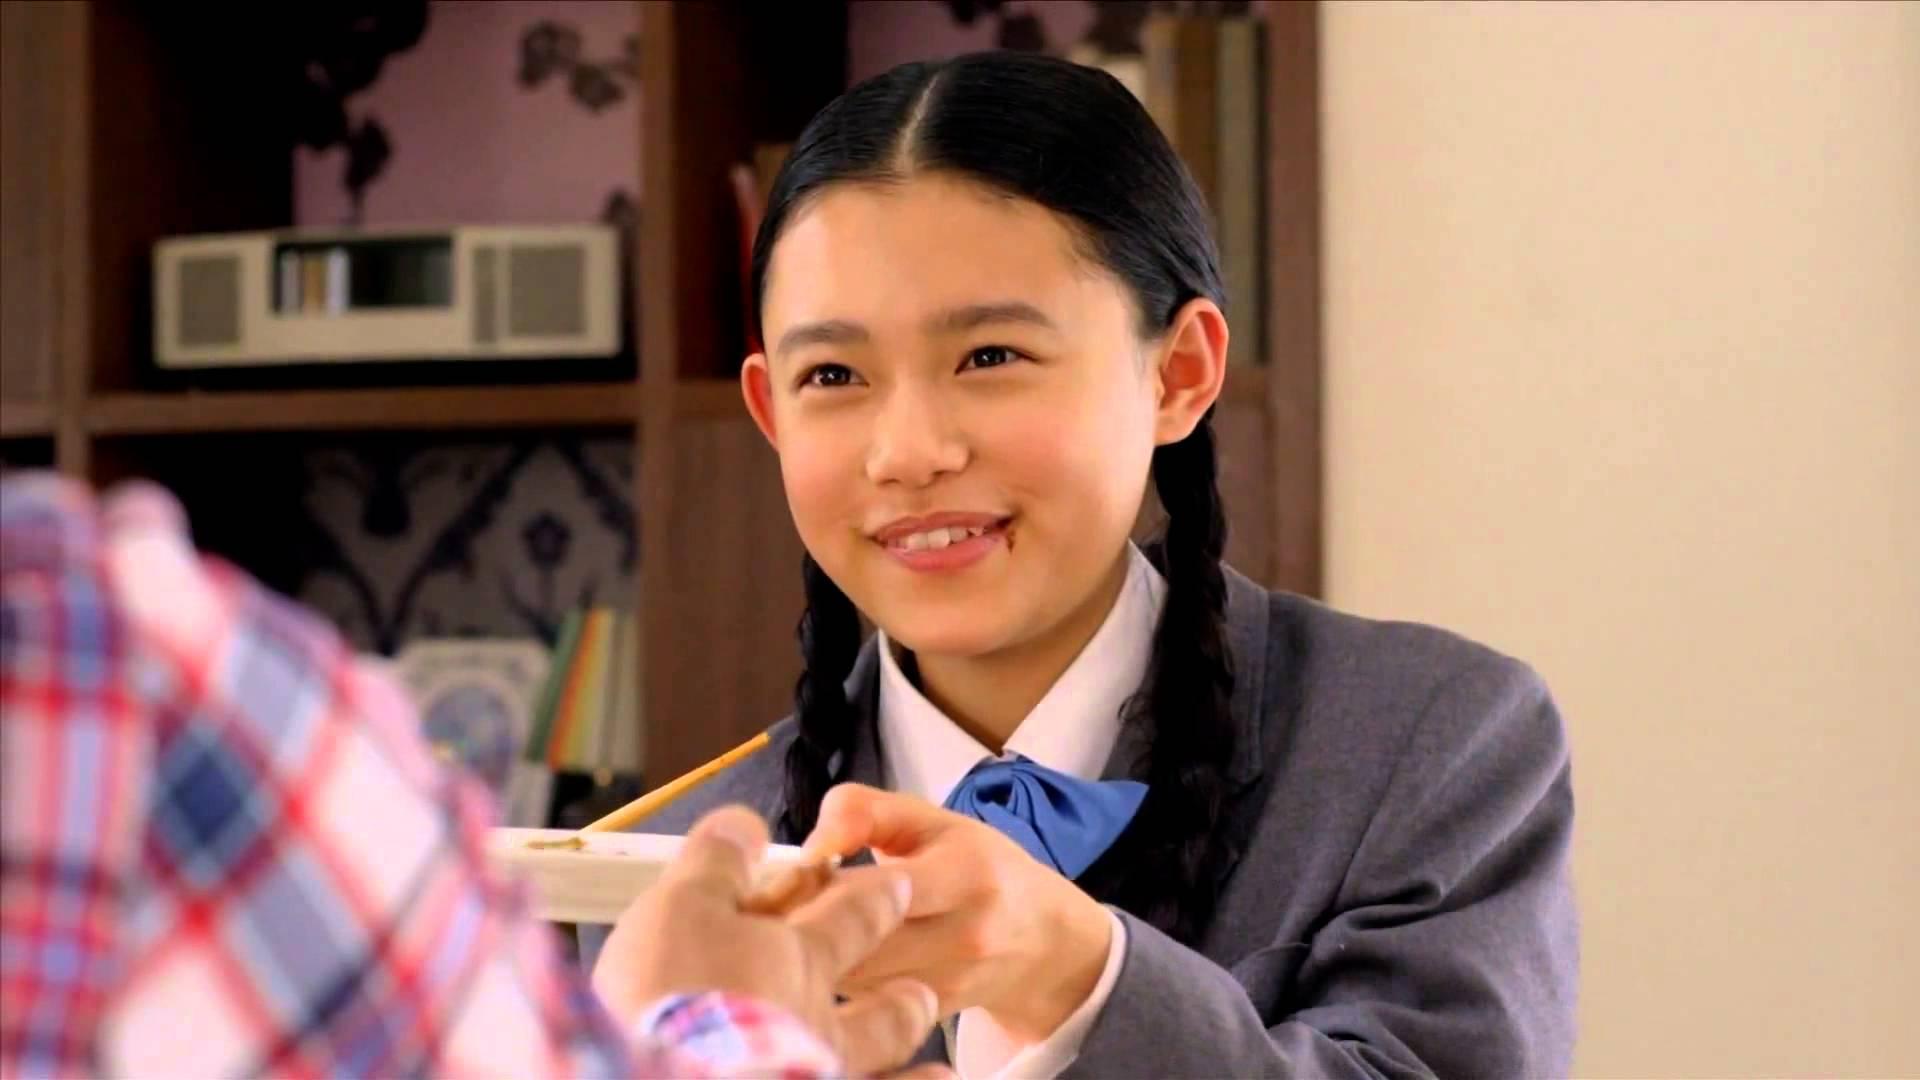 その演技力は折り紙つき!大注目の若手女優・杉咲花さんの画像まとめのサムネイル画像